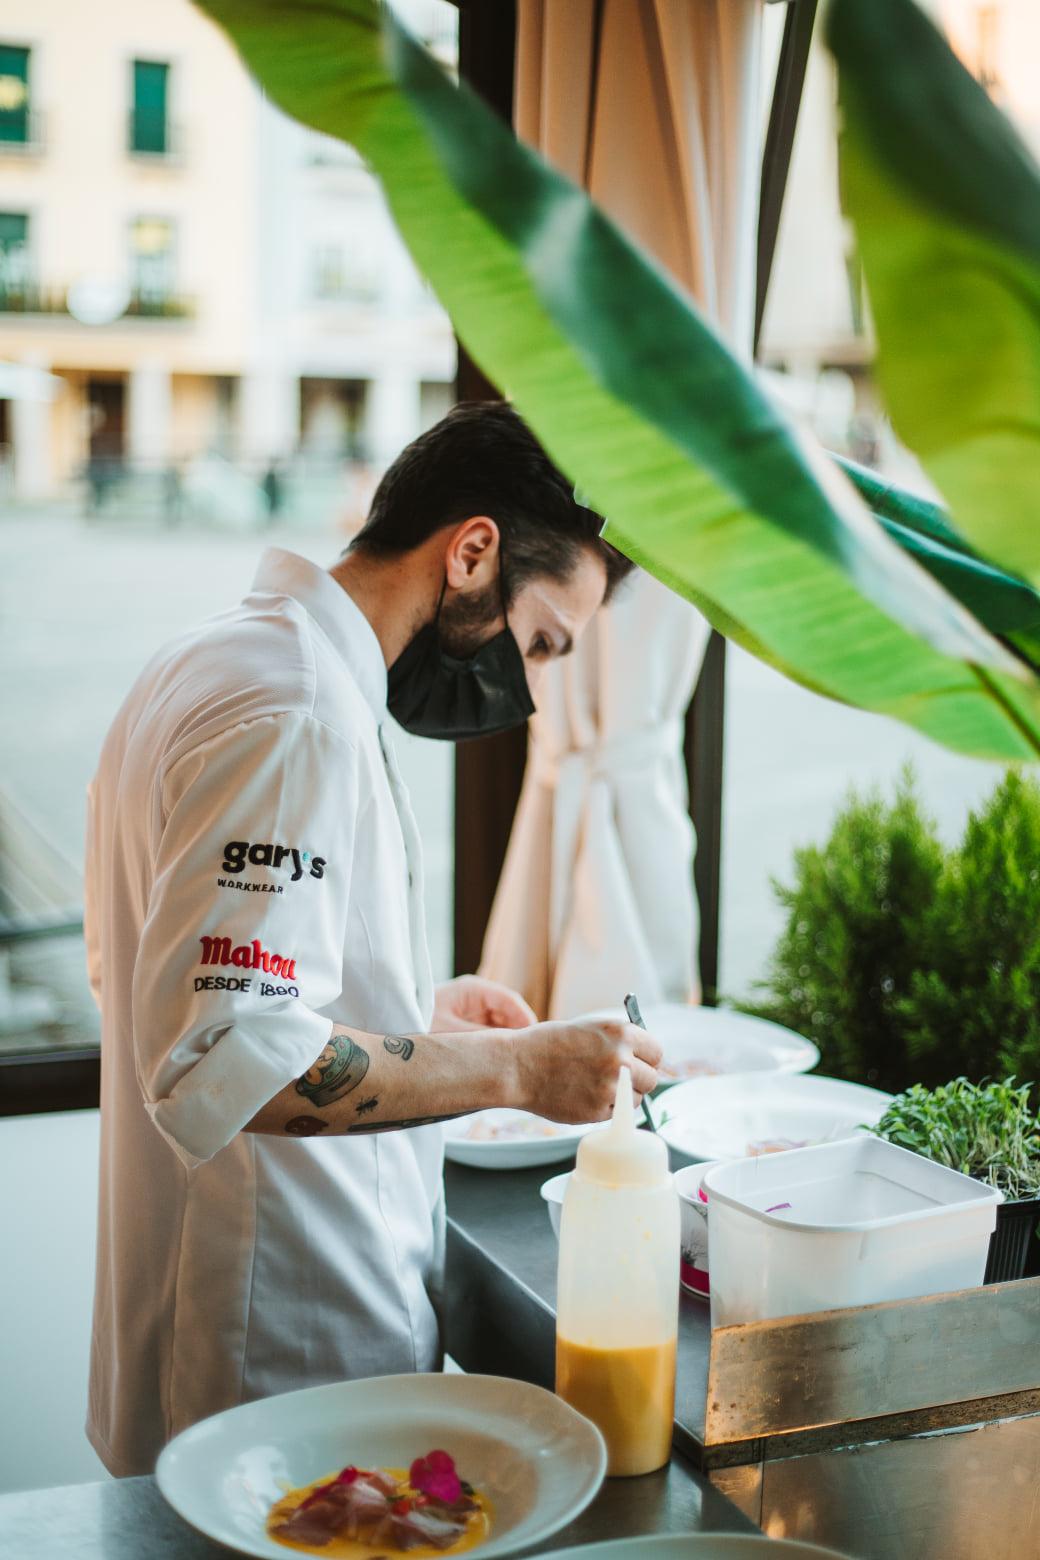 La noche de cocina Nikkei en el restaurante La Violeta, un evento culinario de primer nivel 11